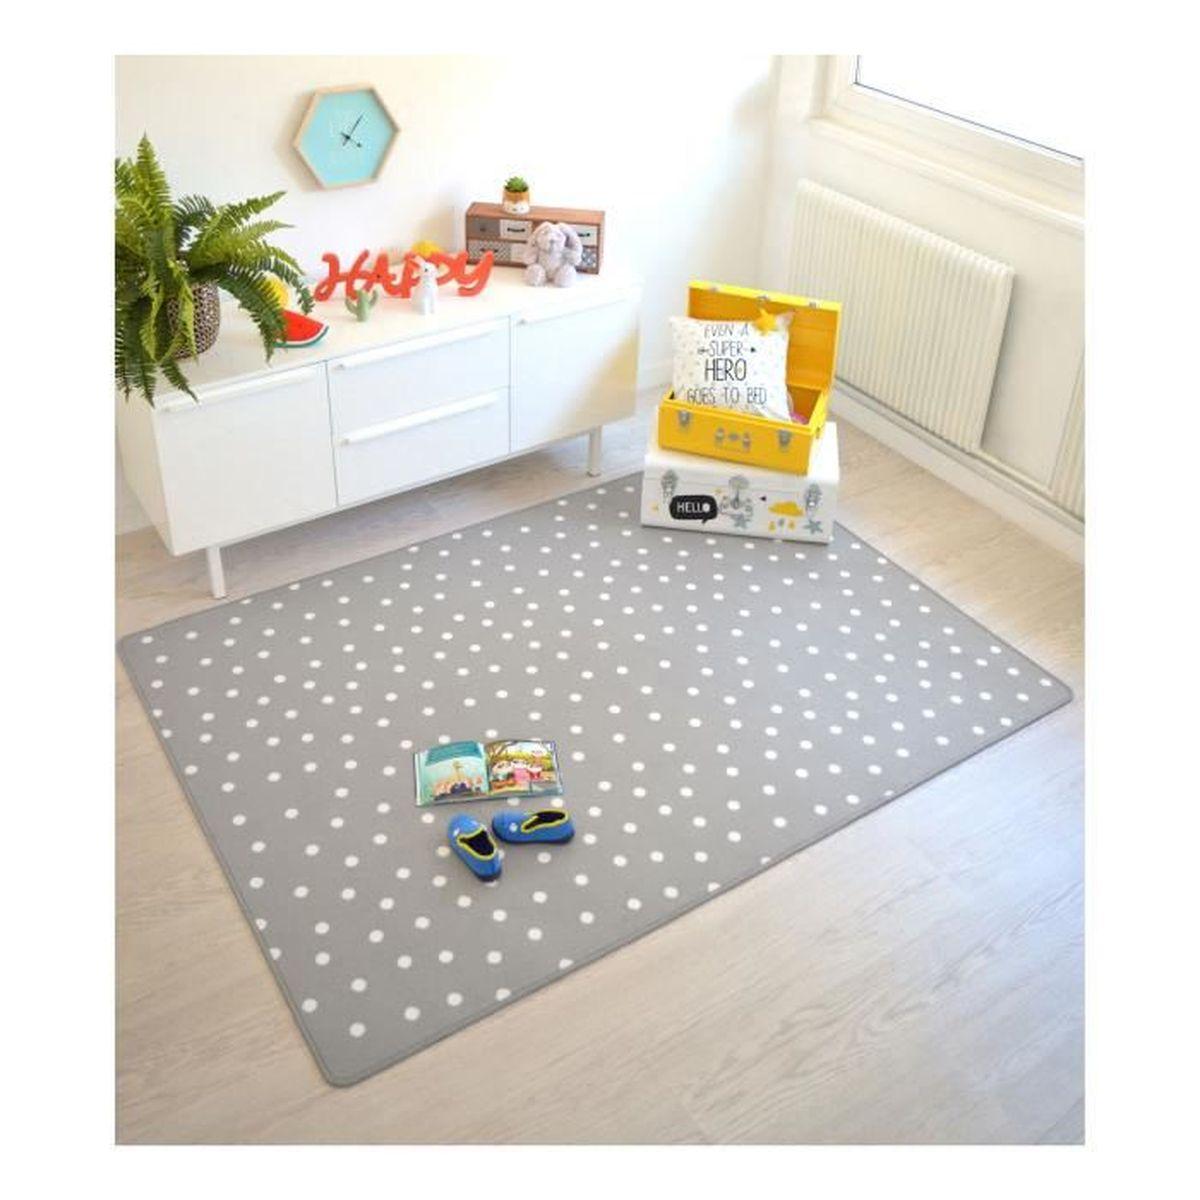 Tapis Chambre Bébé Mixte tapis chambre d'enfants - pois gris - 145 x 200 cm - achat